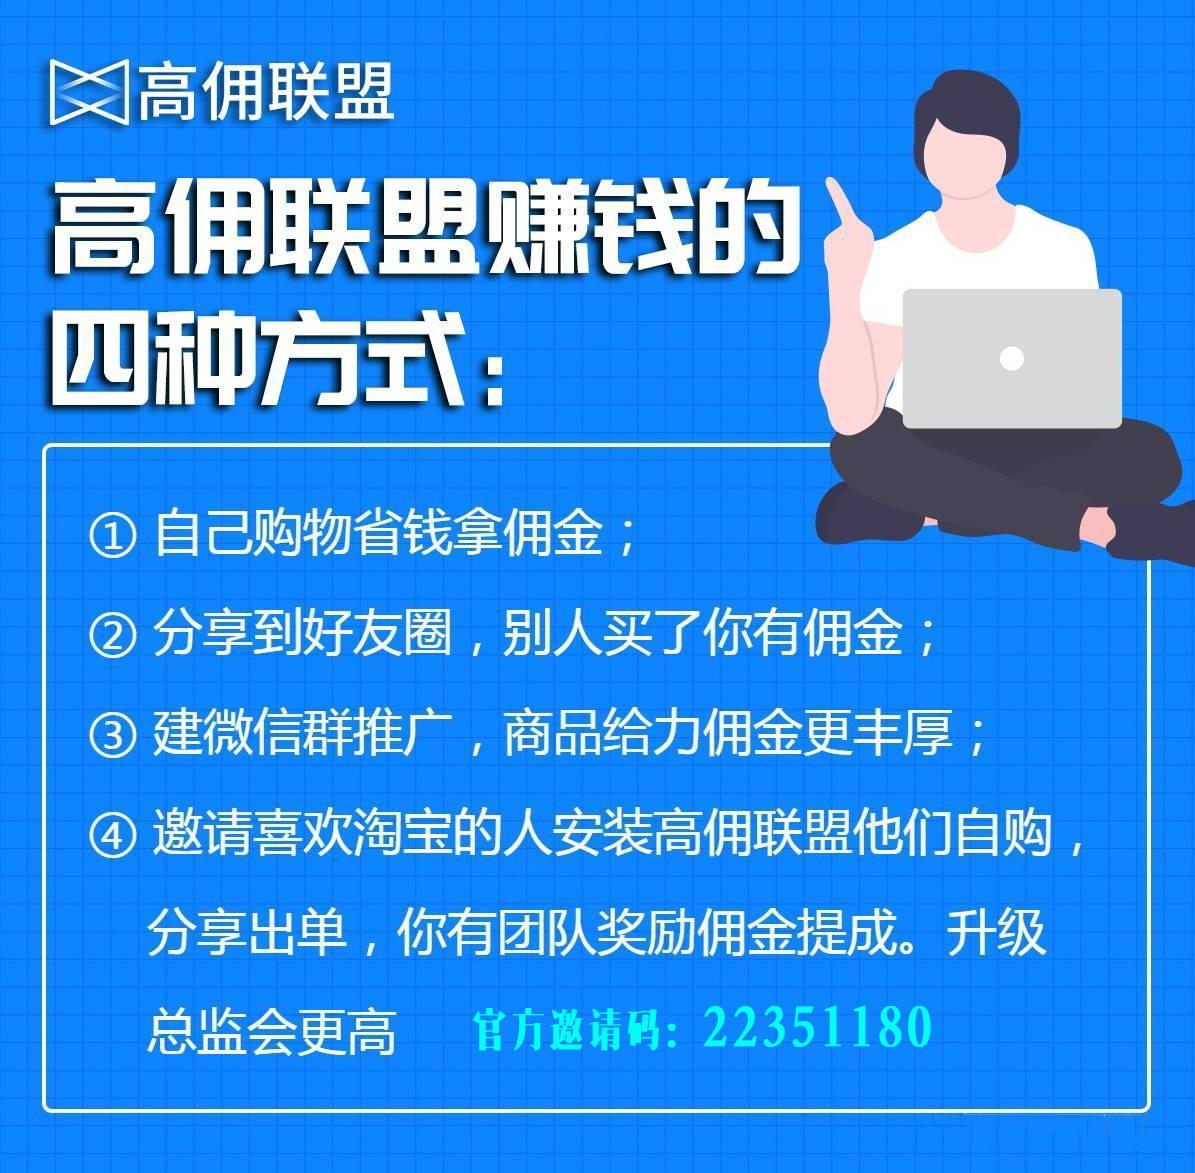 fc034c8459184c13a9972c20d655595c_noop_1195x1173.jpg